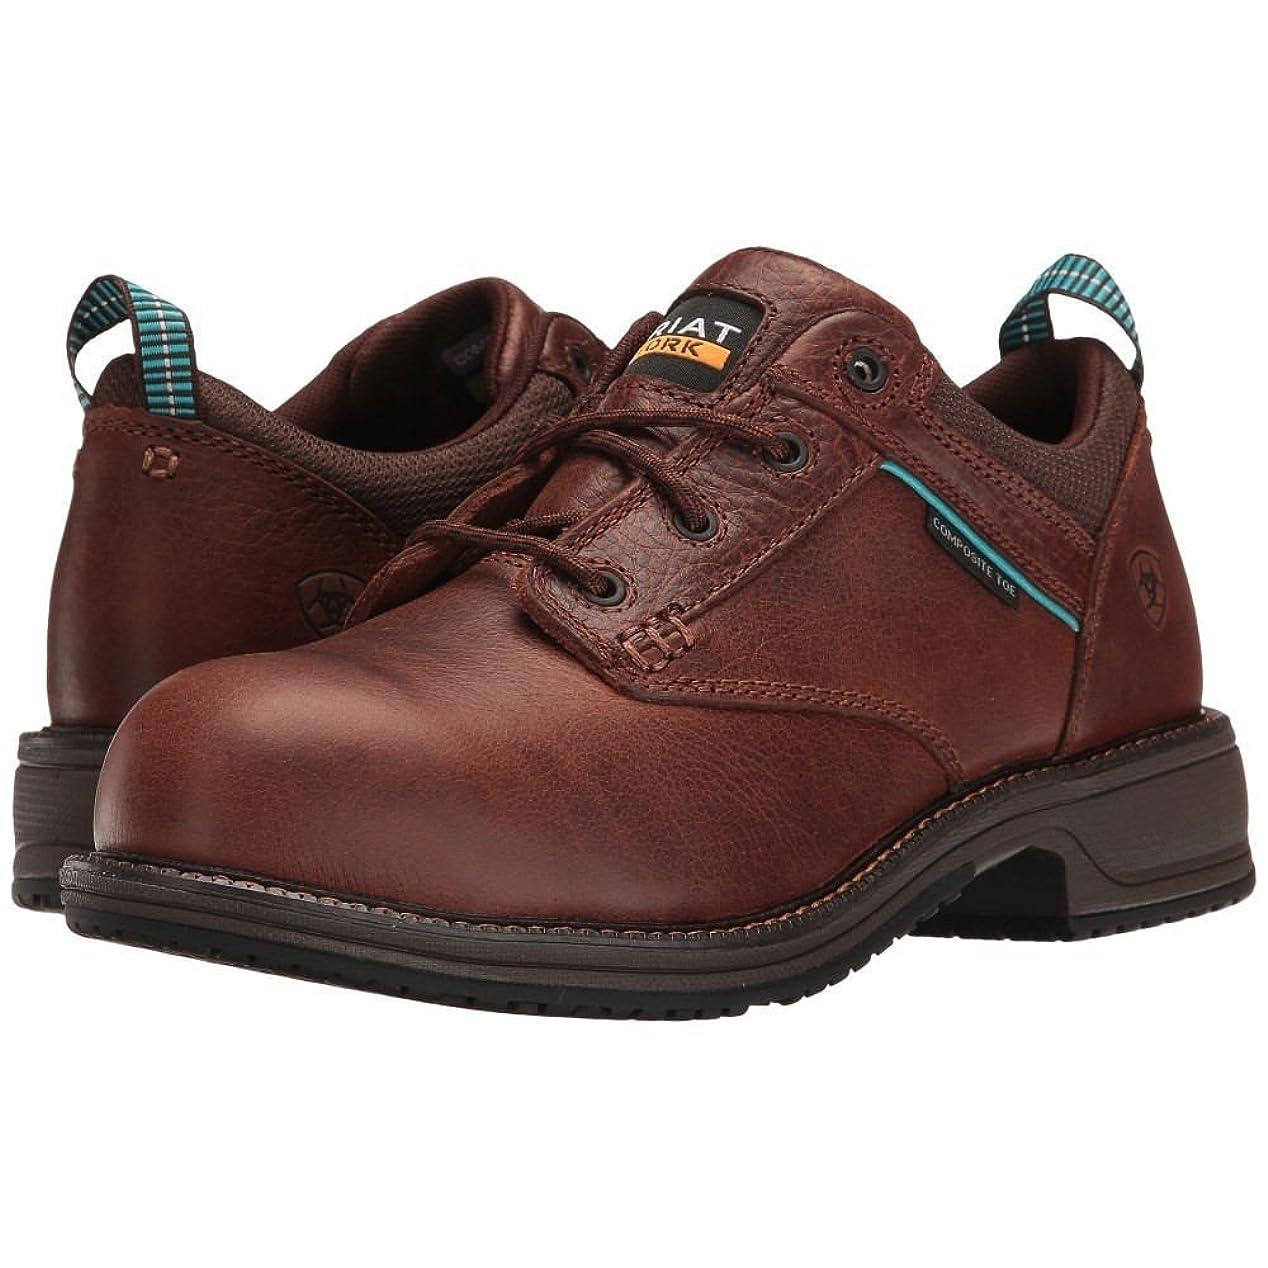 アライメント不名誉なネクタイ(アリアト) Ariat レディース シューズ?靴 オックスフォード Casual Work Oxford SD CT 並行輸入品